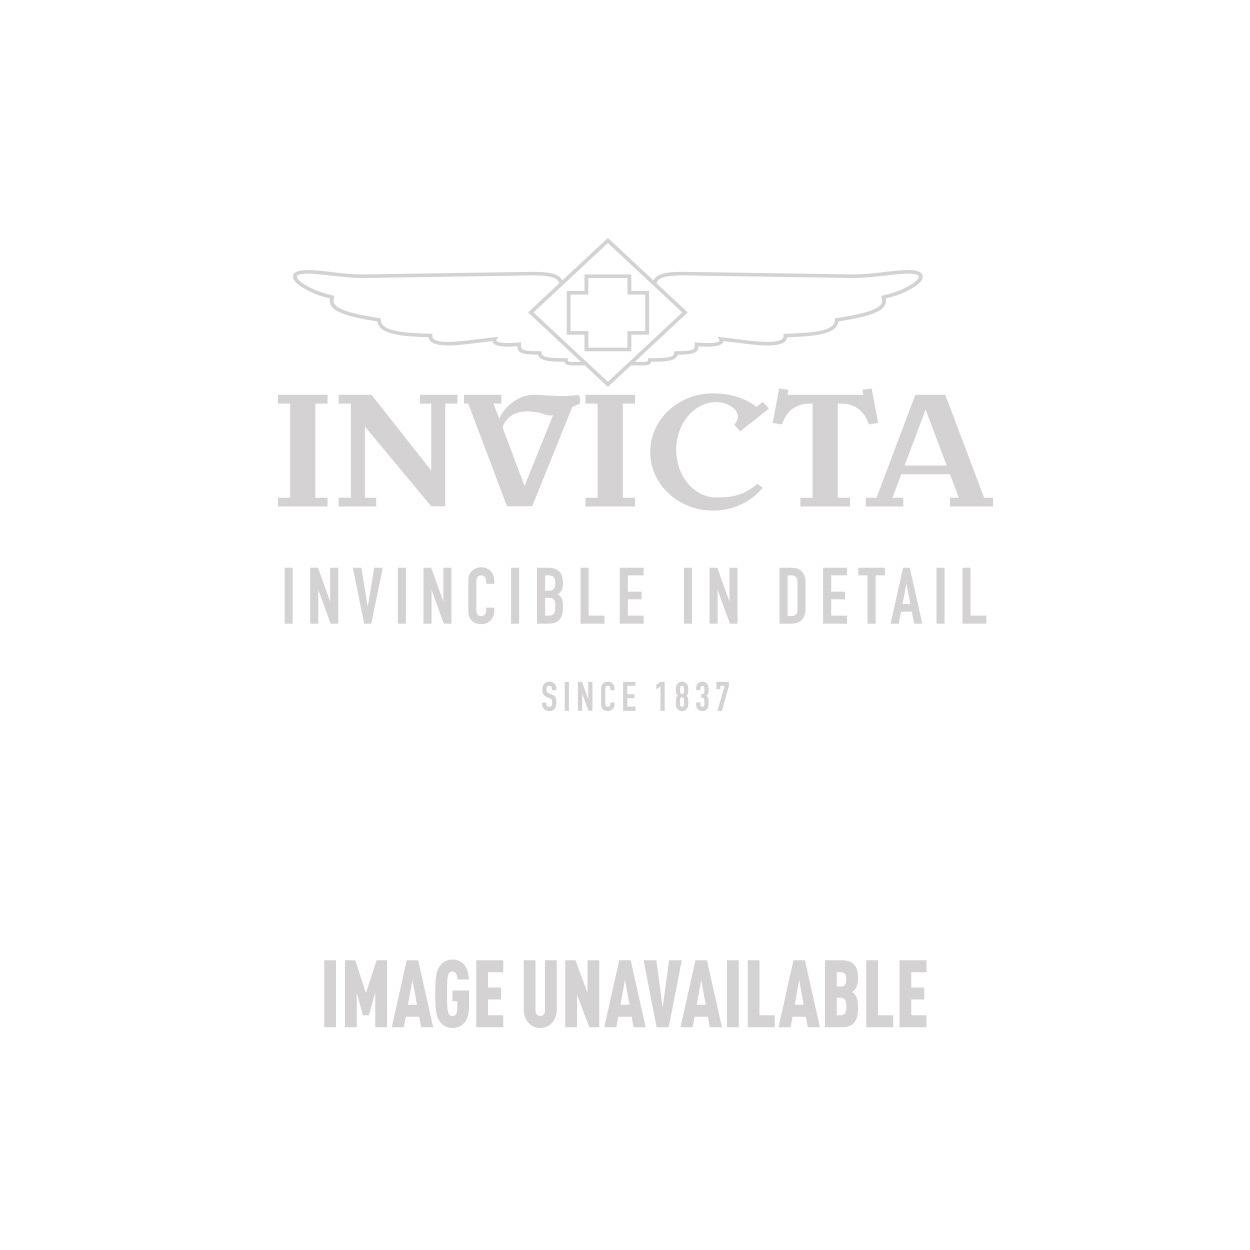 Invicta Bracelet J0315